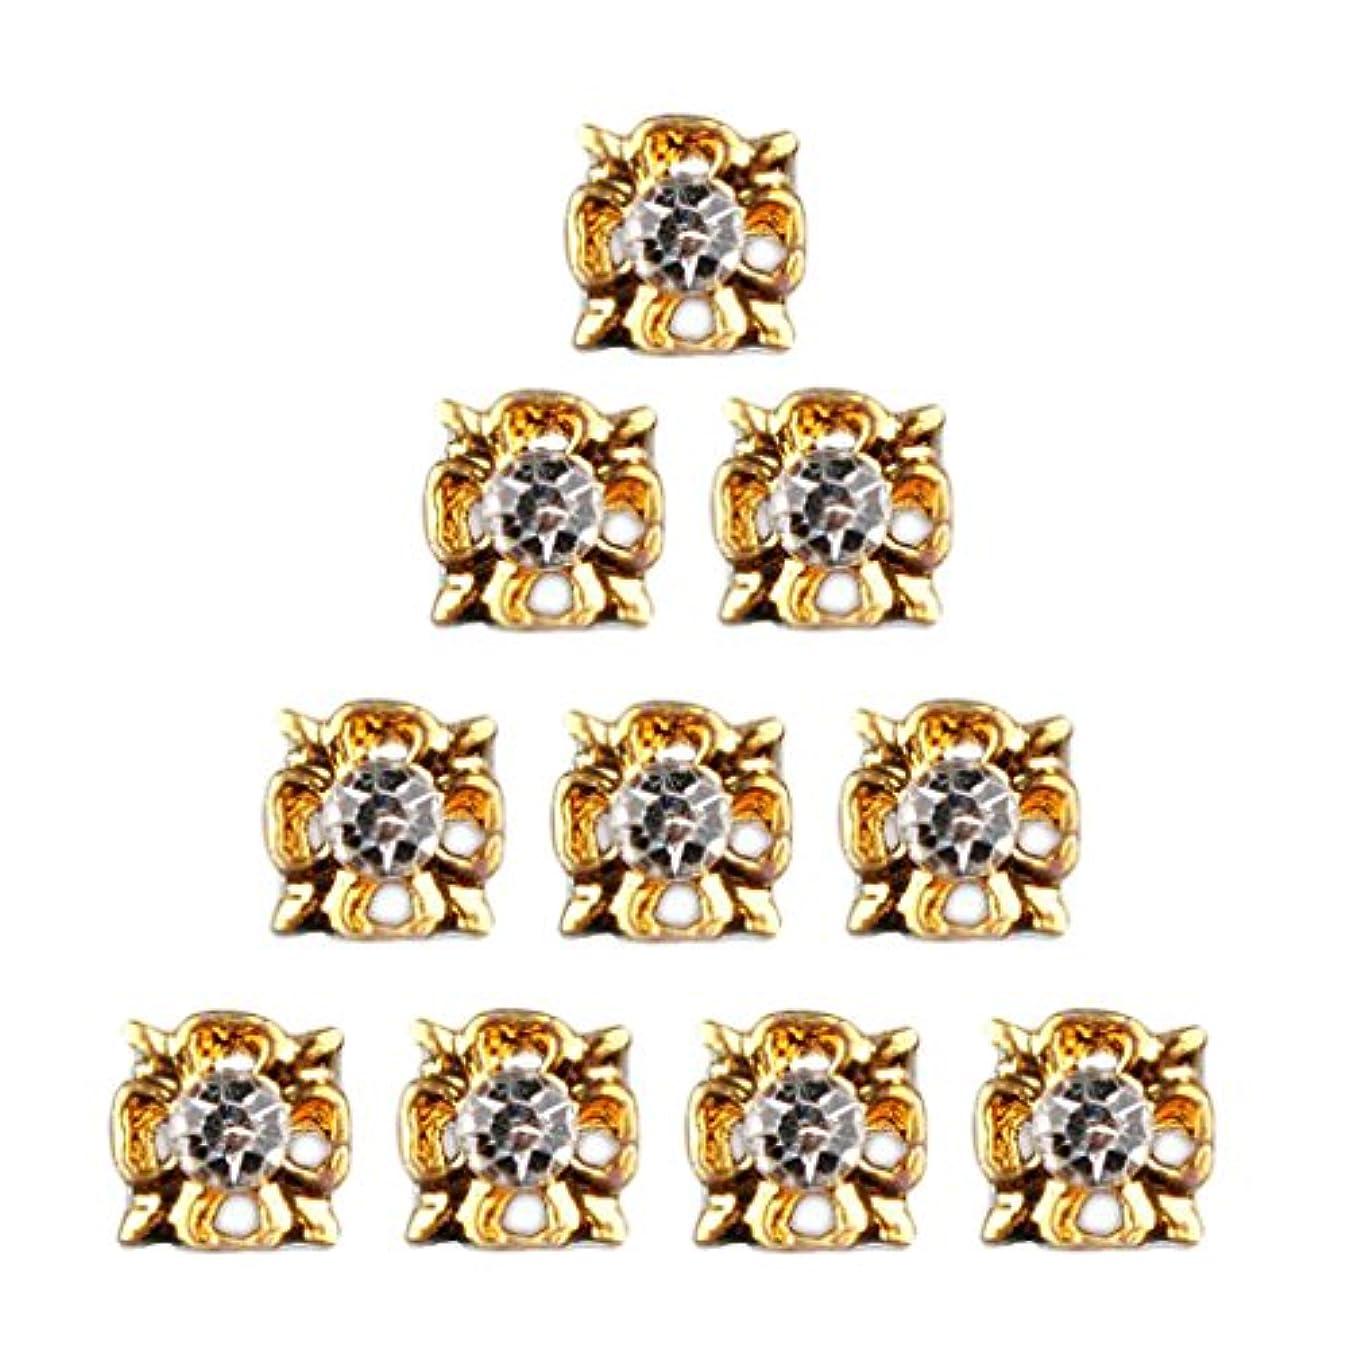 マガジン誘惑する賞ネイルアート ダイヤモンド ネイルデザイン 3D ヒントステッカー ネイルデコレーション 全8種類 - 4